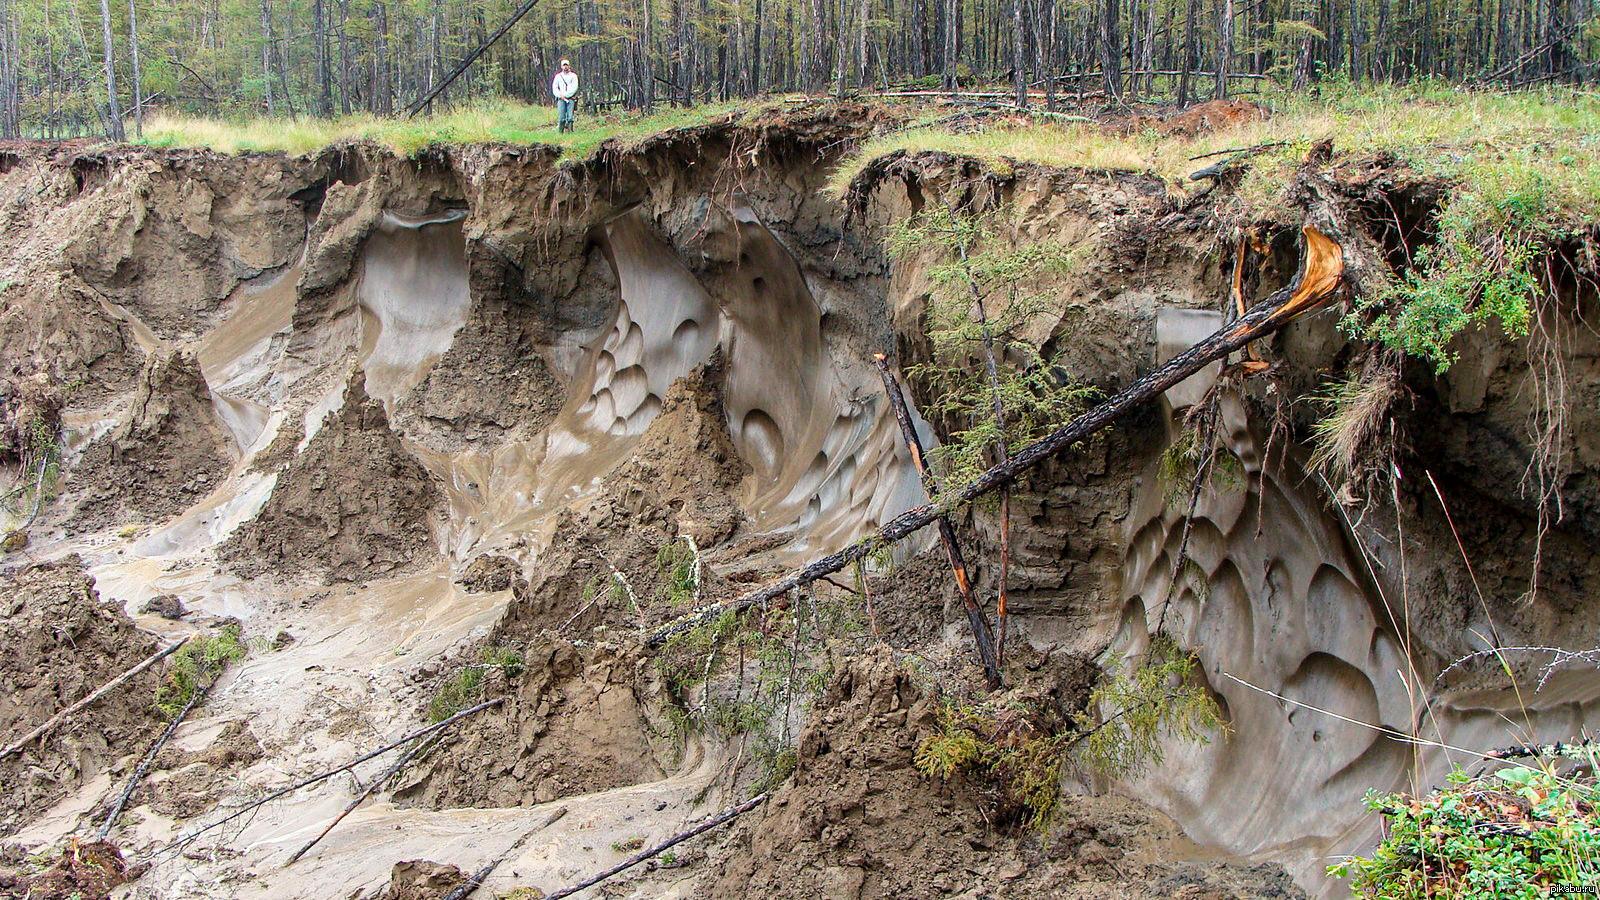 Pri taljenju permafrosta se mikrobom na površini izpostavlja nekoč zamrznjen biološki material, zaradi česar se sproščajo dodatne količine toplogrednih plinov, predvsem metana.